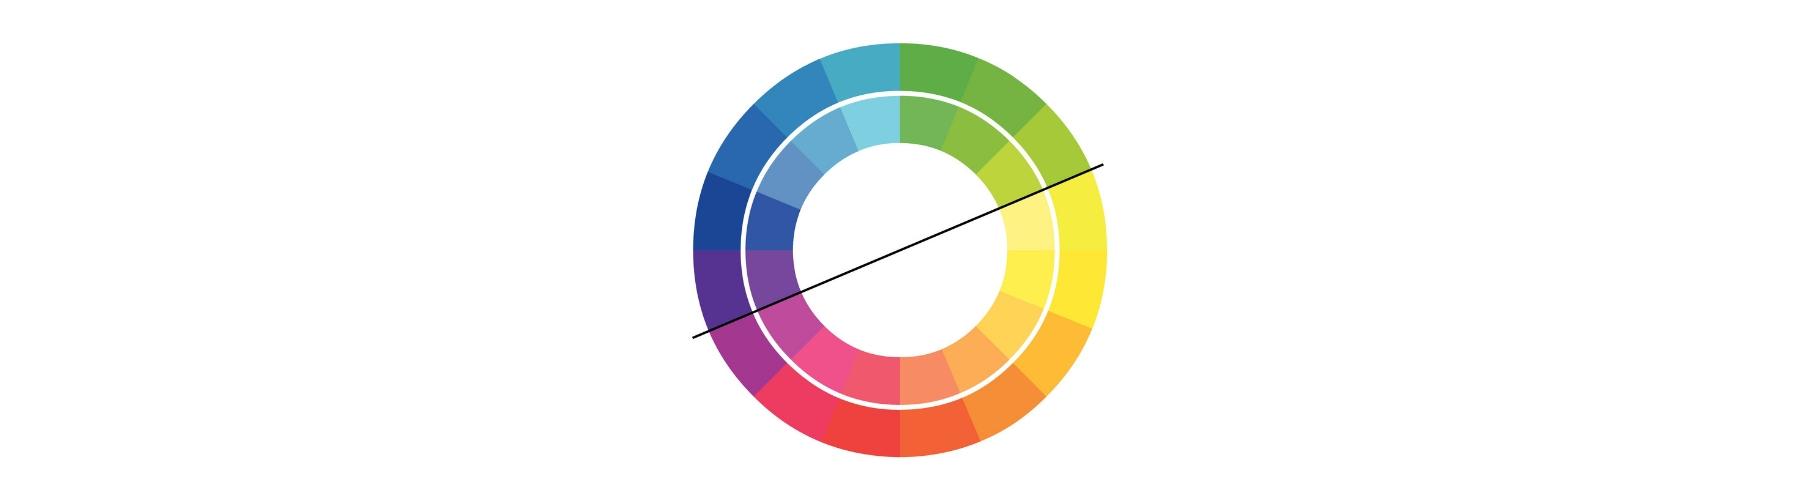 Des agencements astucieux grâce au cercle chromatique